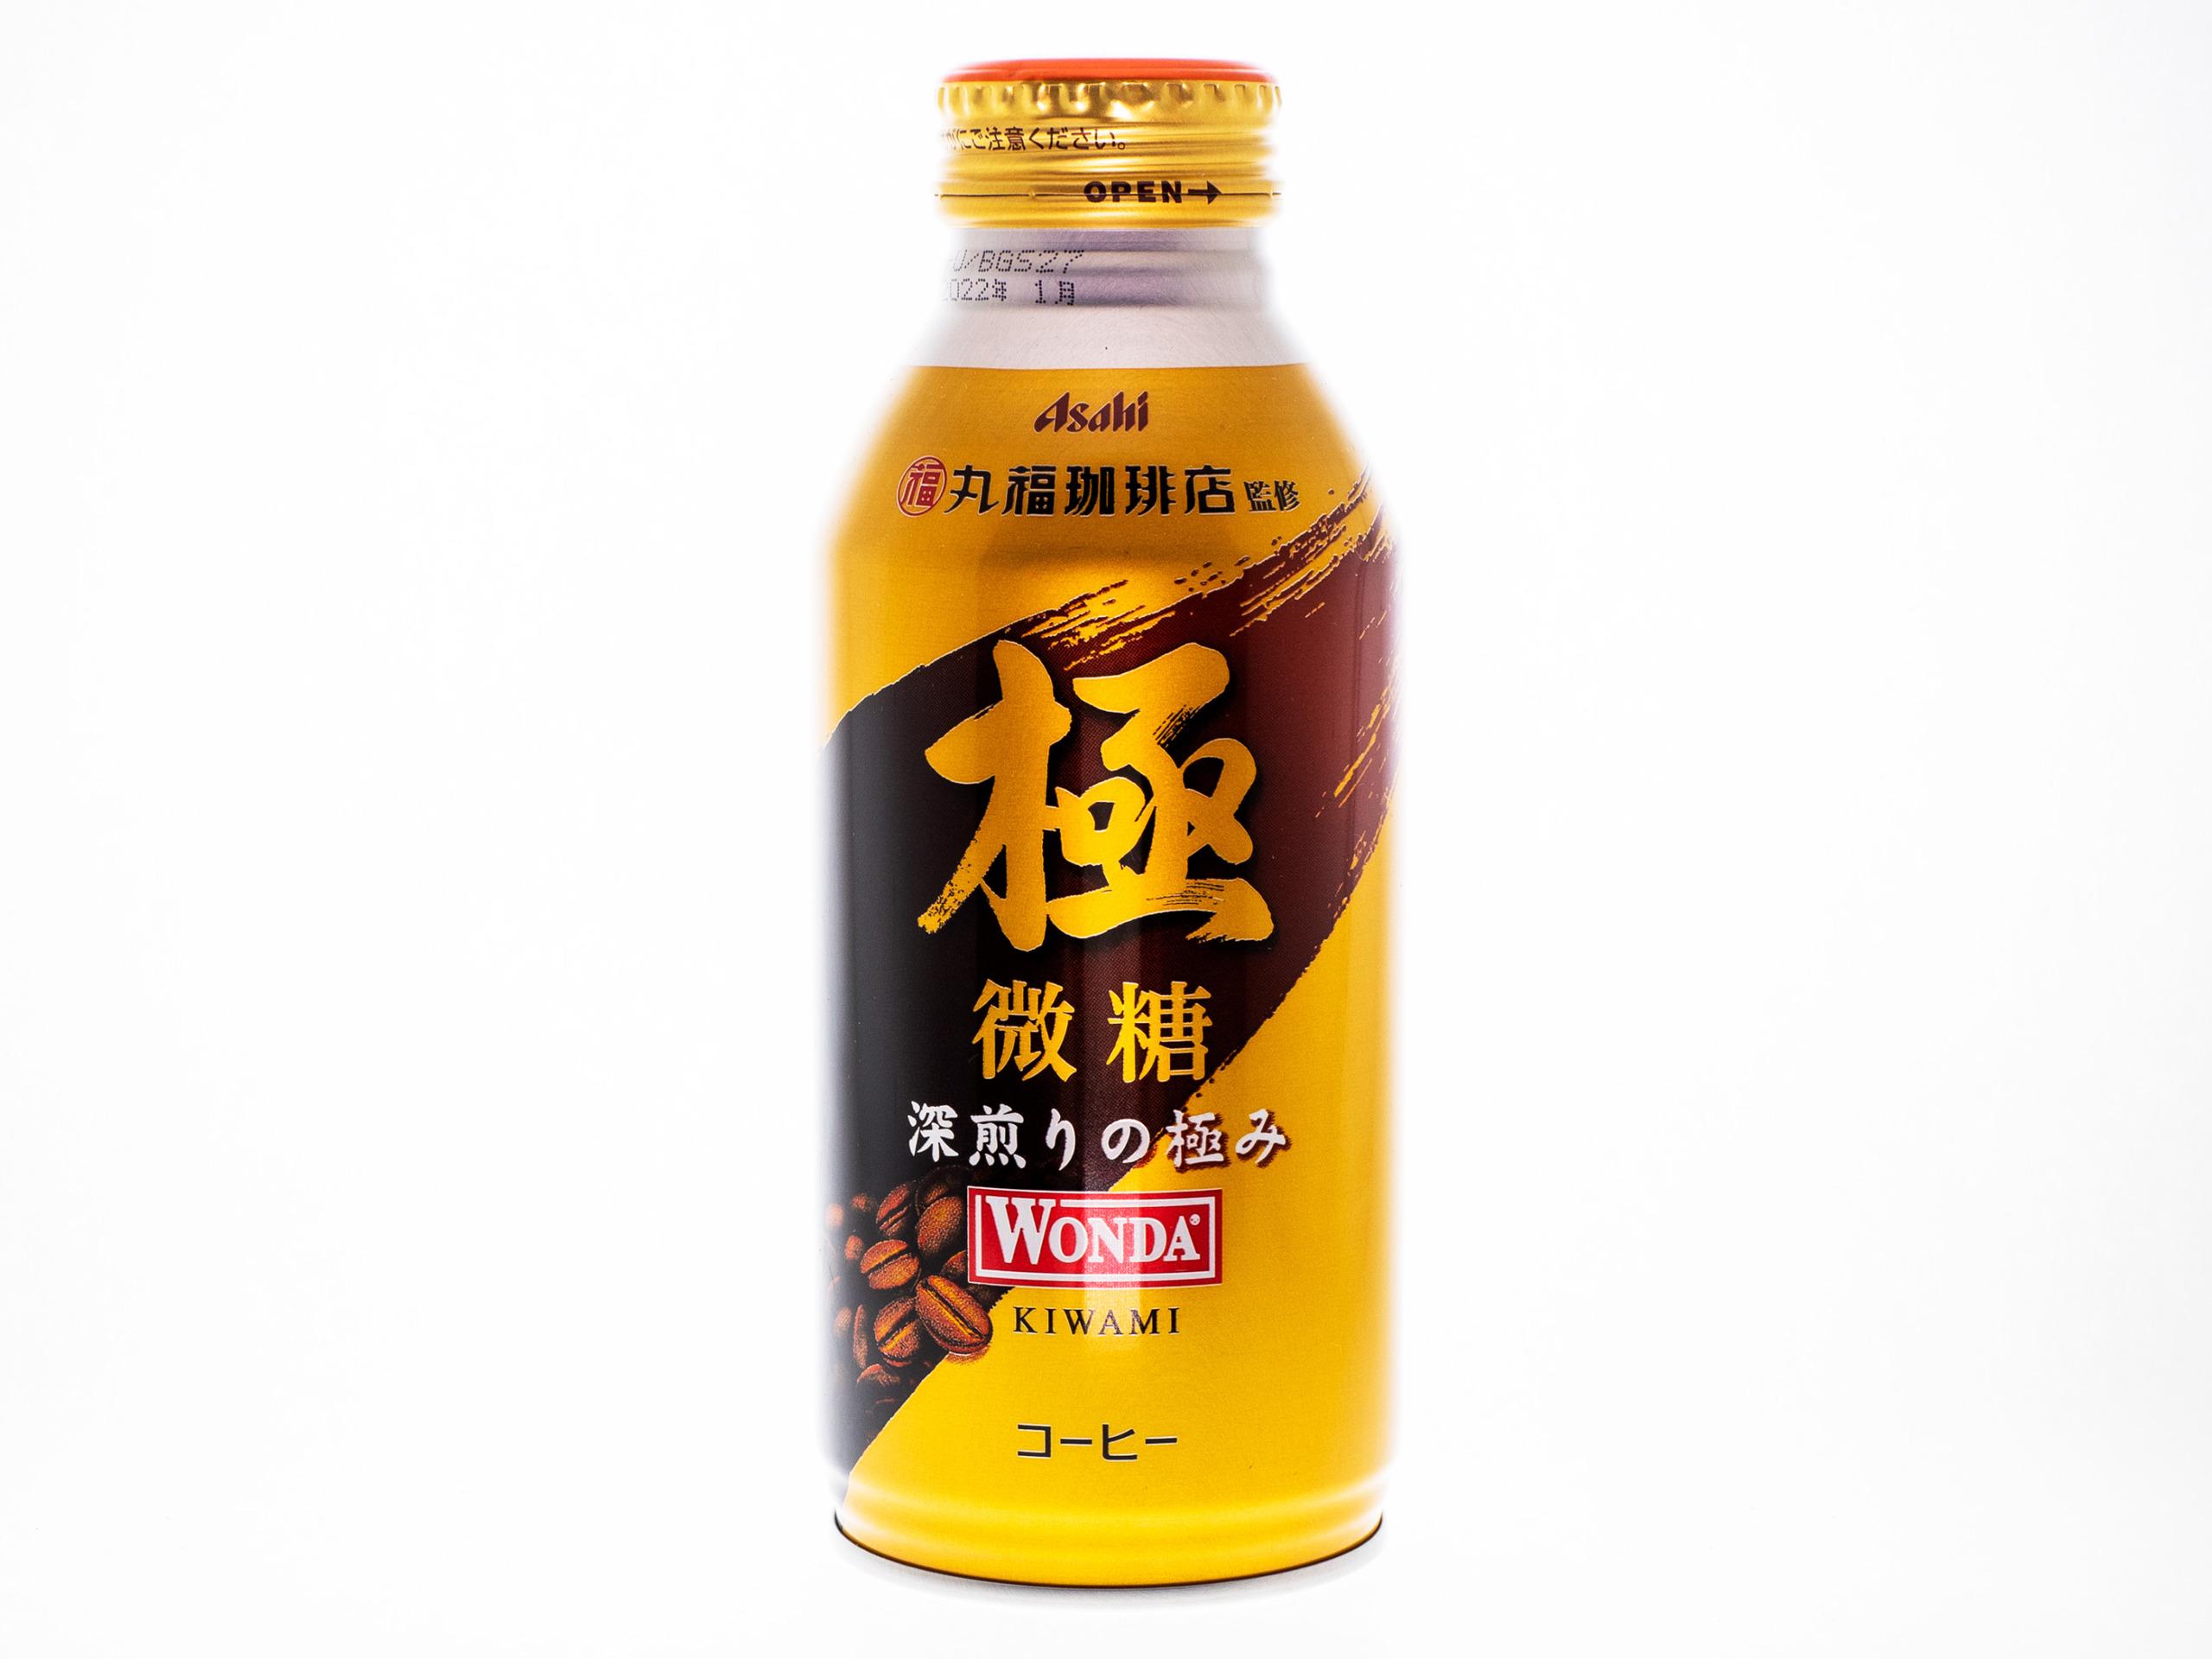 アサヒ飲料 WONDA 極 微糖 ボトル缶370g